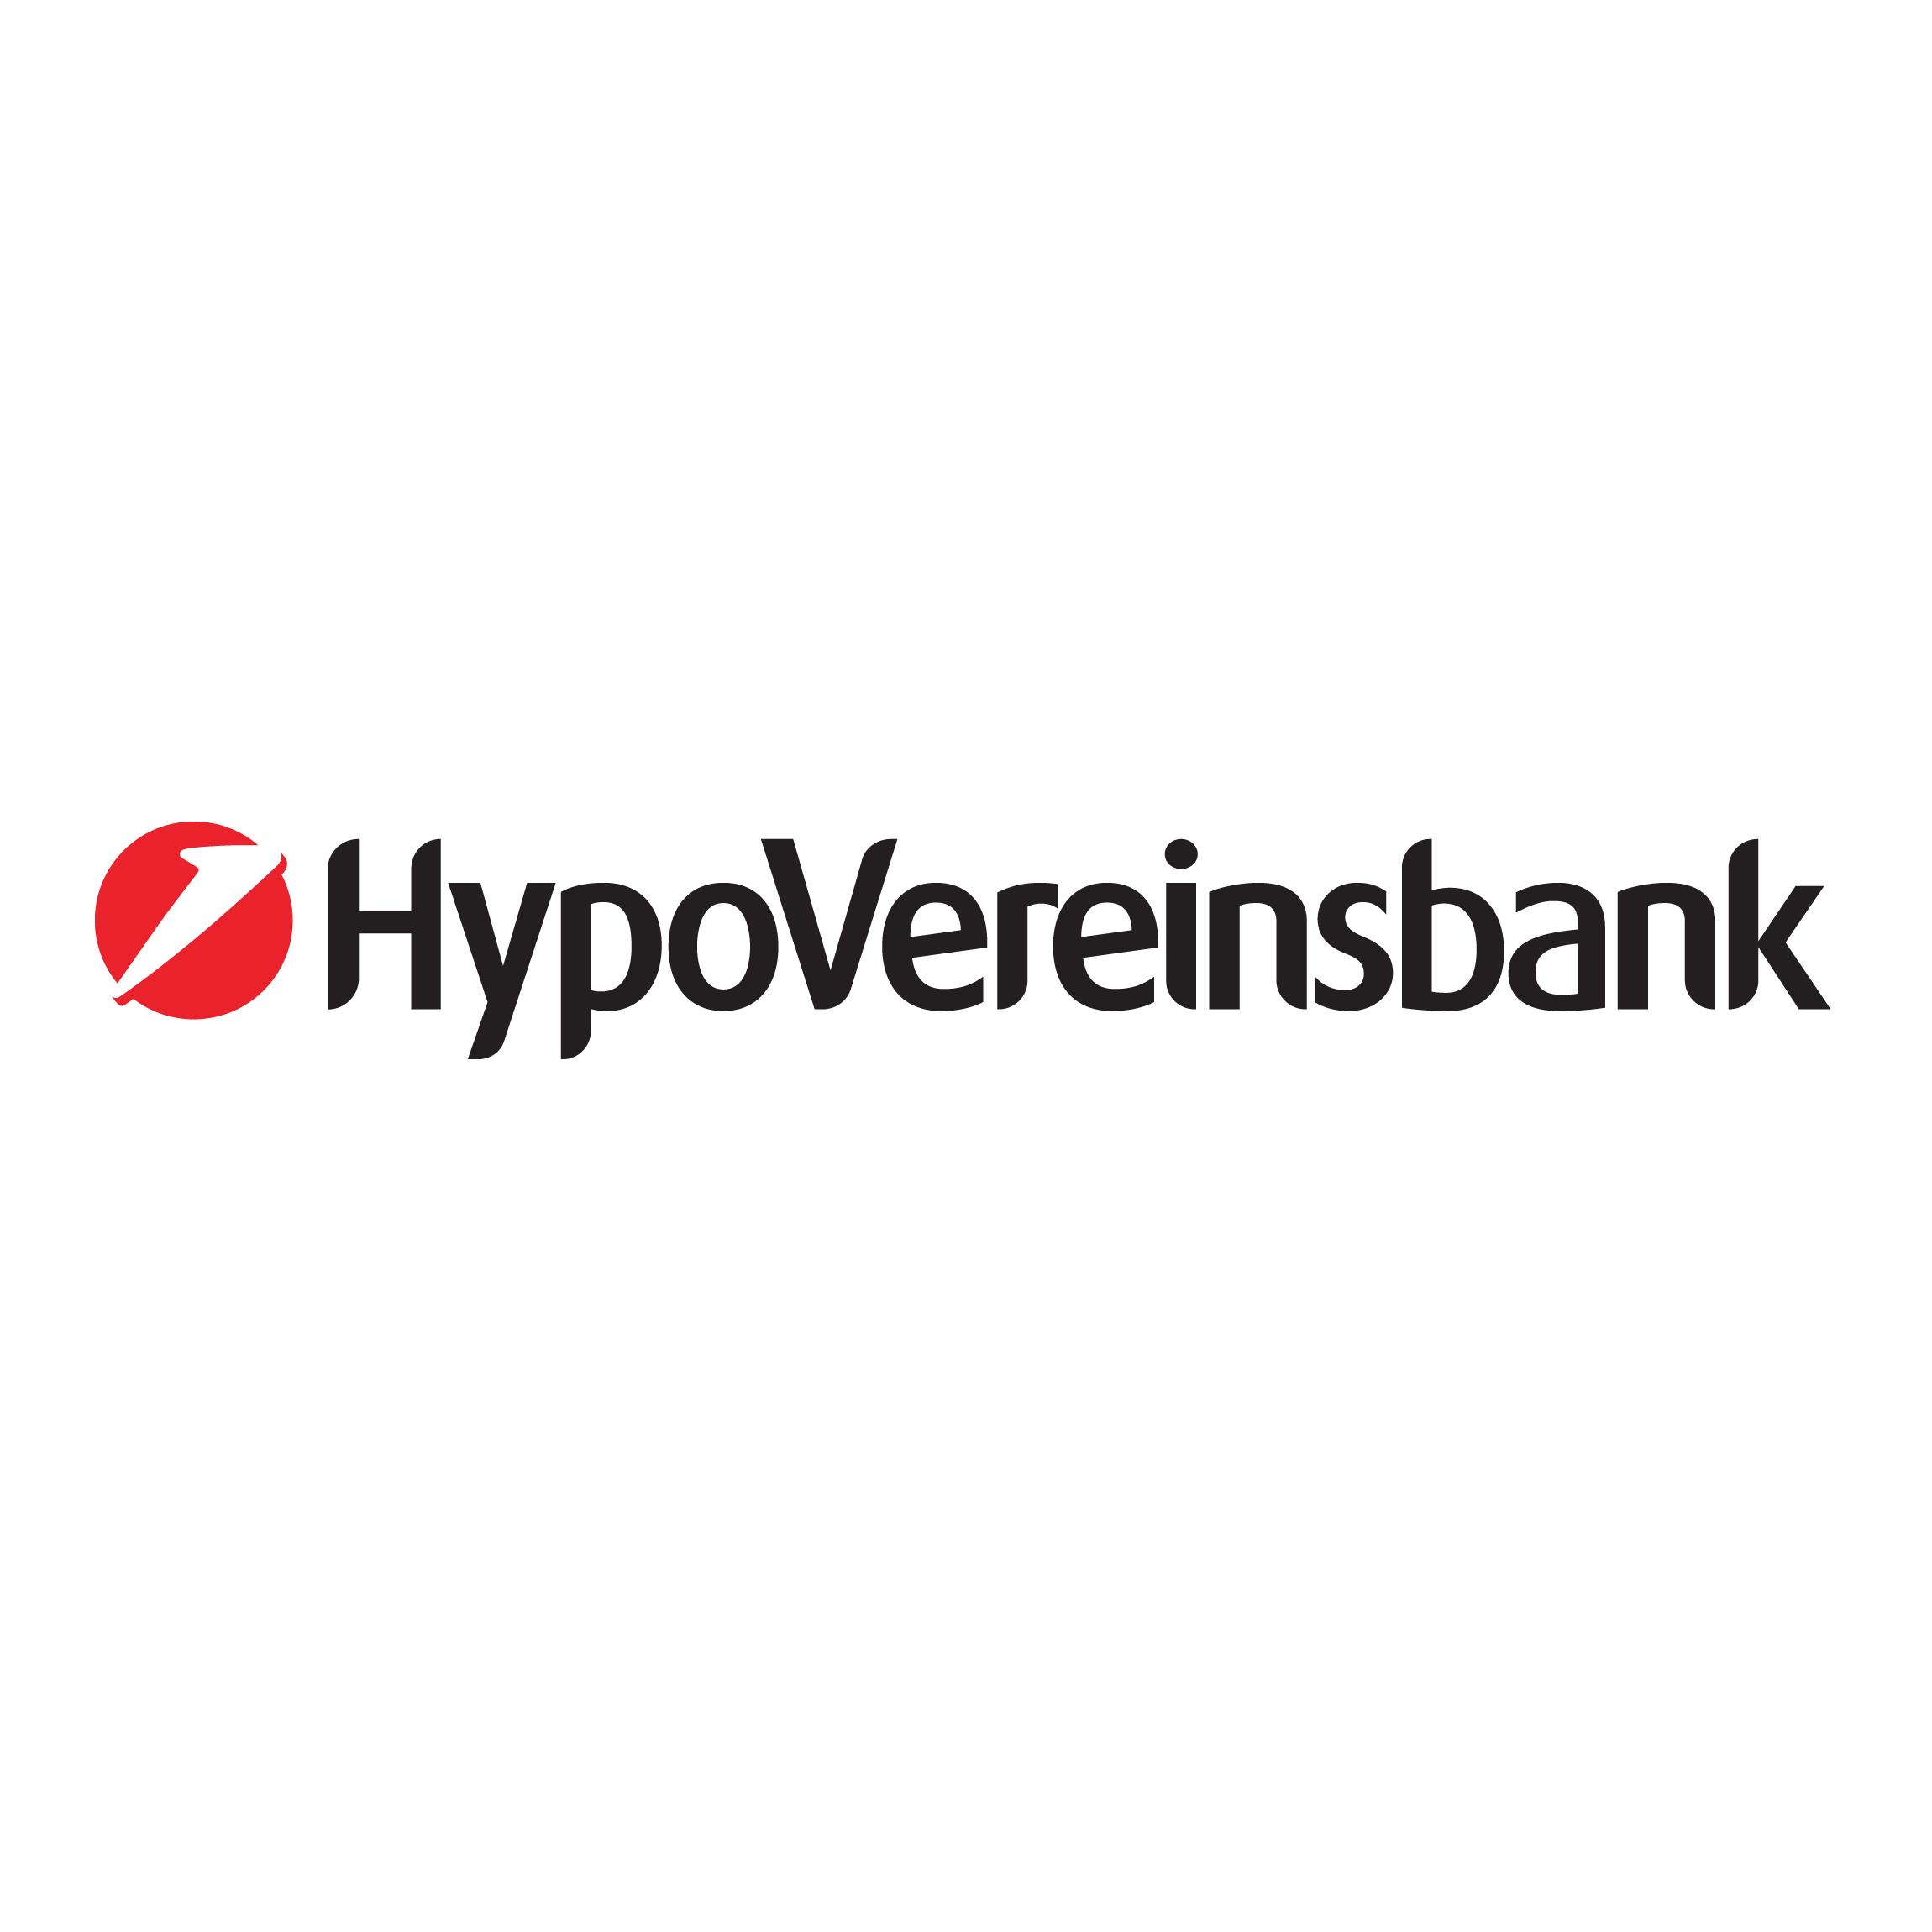 HypoVereinsbank Private Banking Wiesbaden